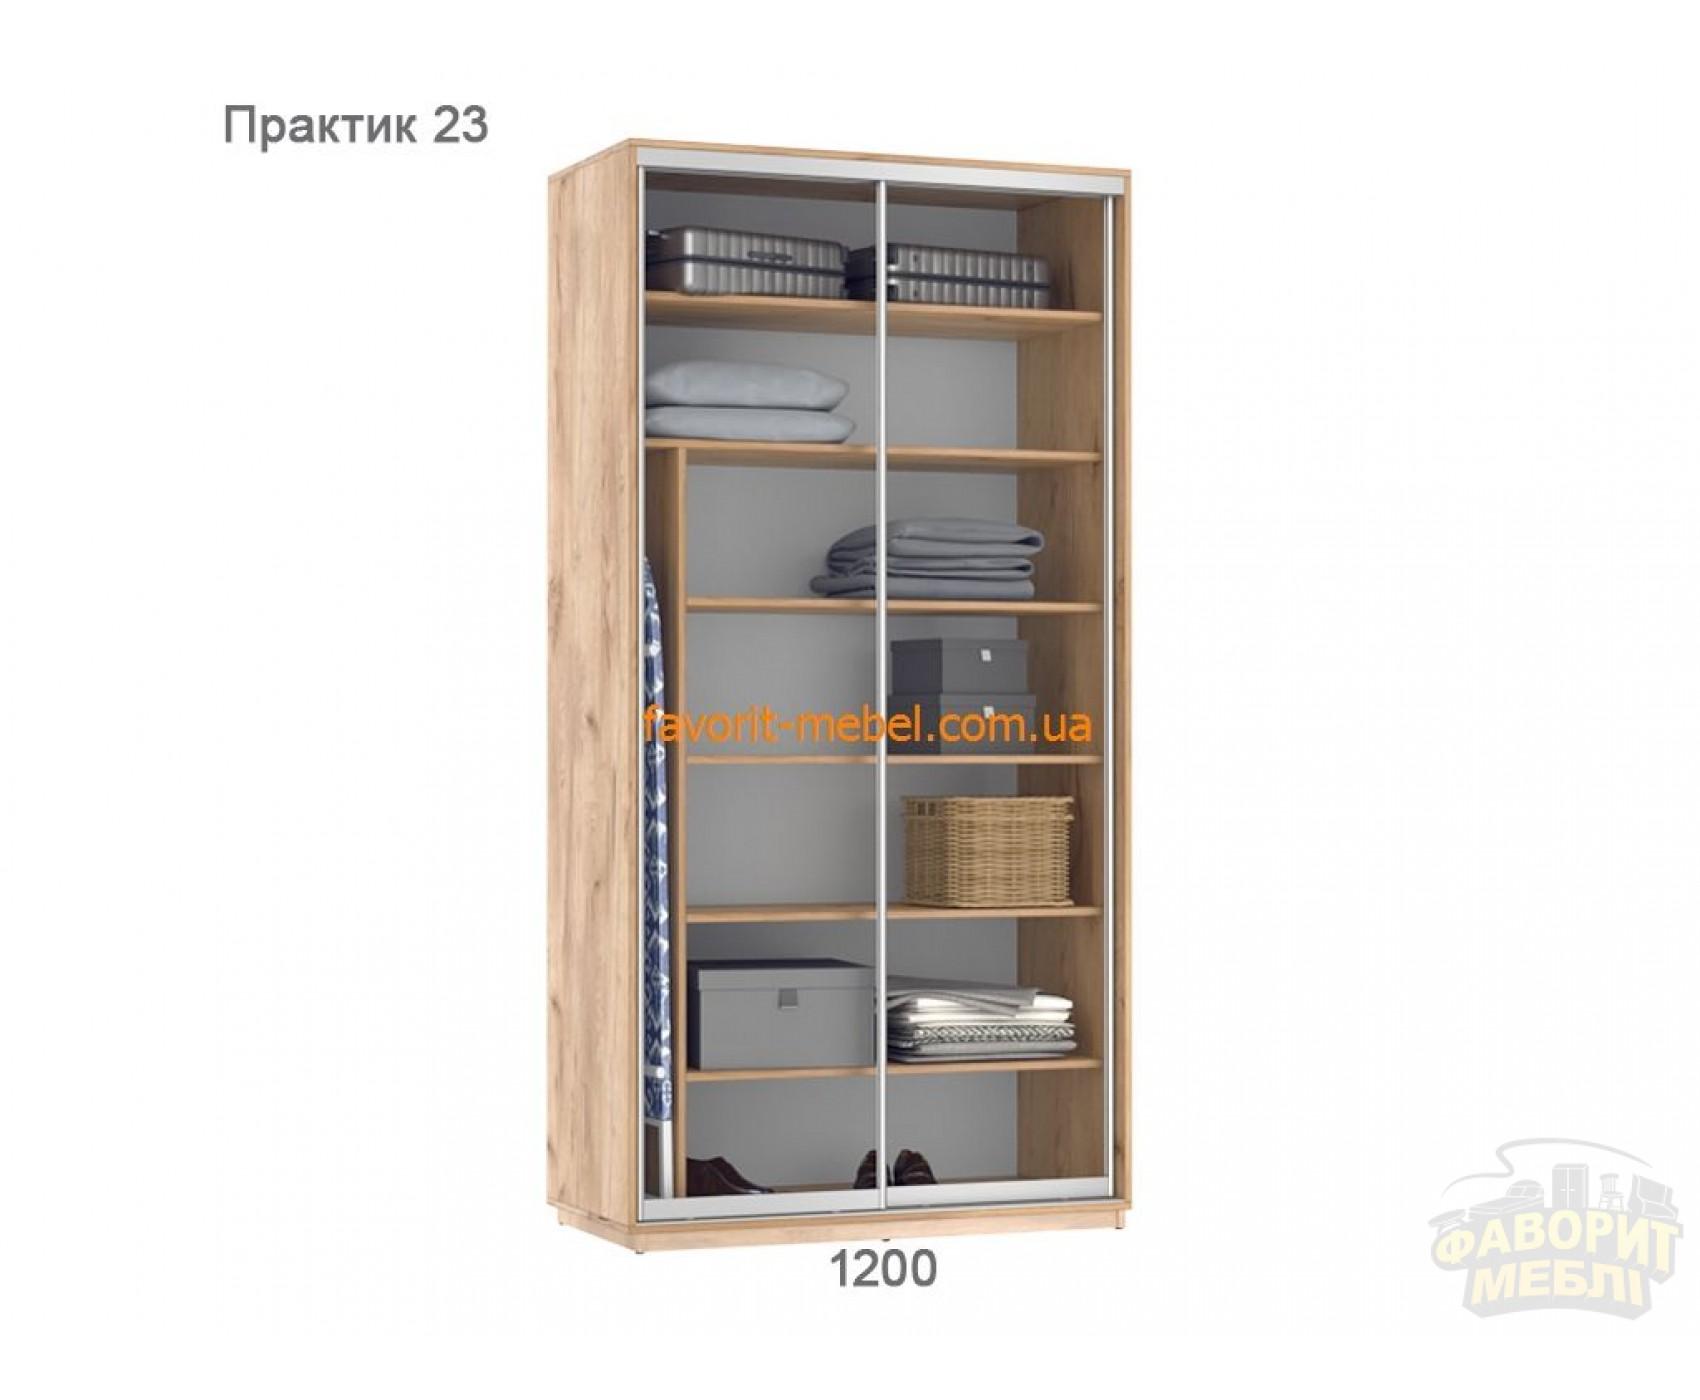 Шкаф купе Практик 23 (120х60х240 см)